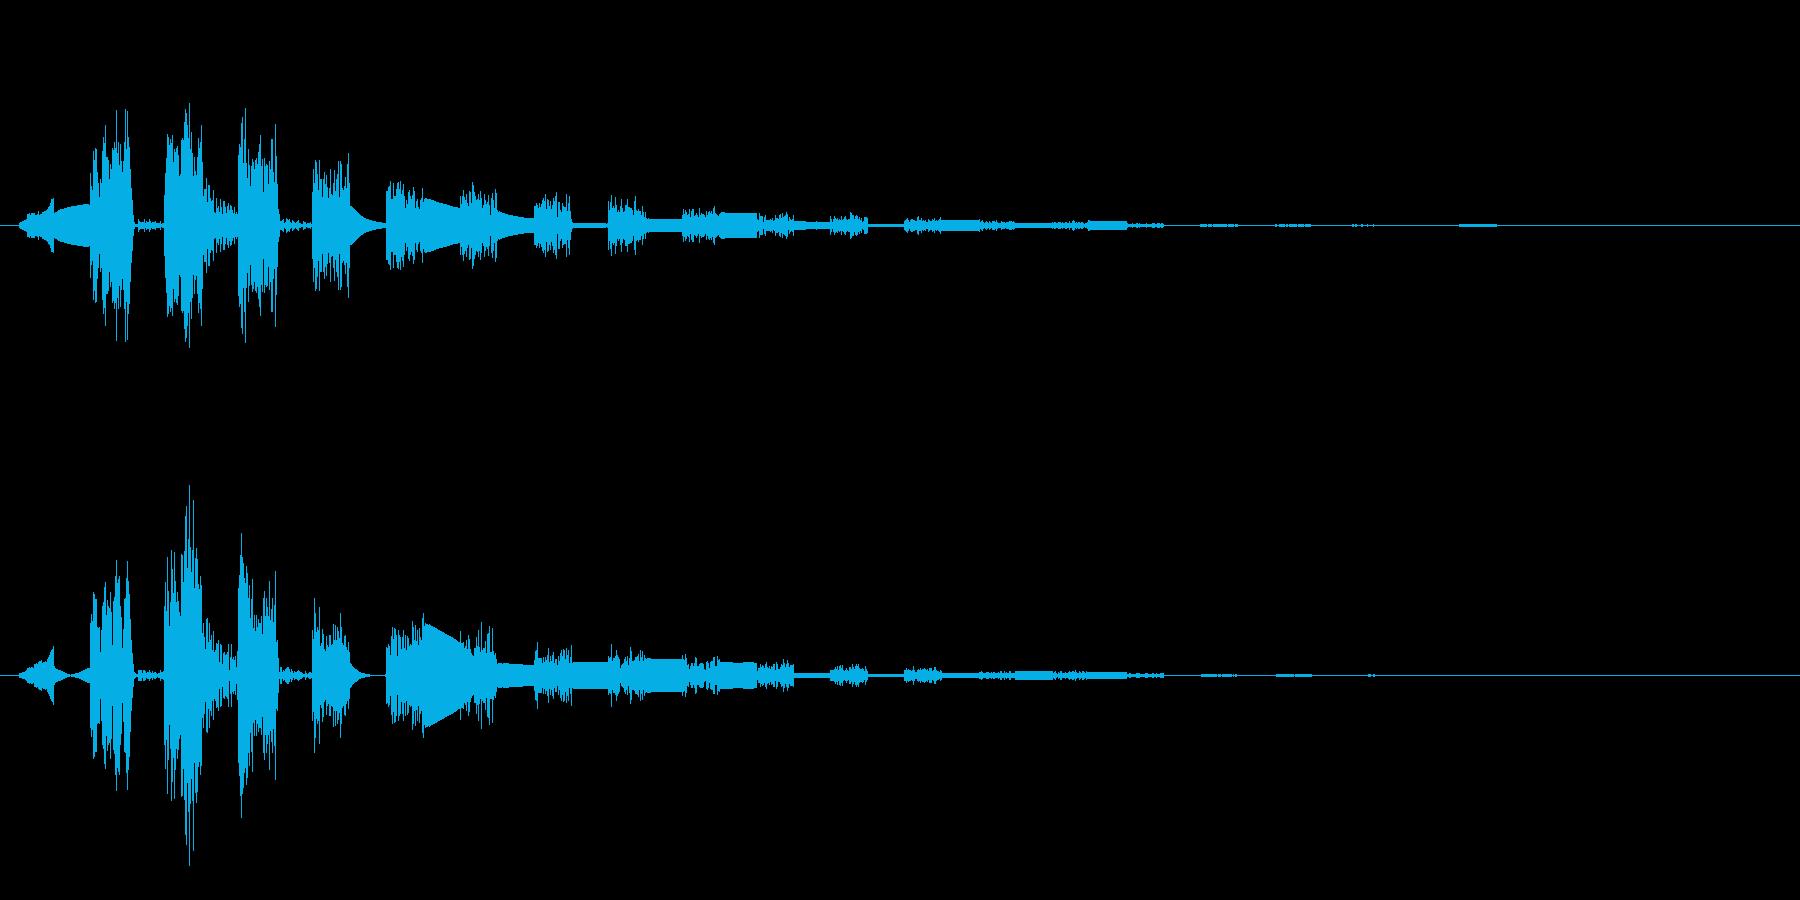 サウンドロゴやゲーム・映像・CMなどの再生済みの波形